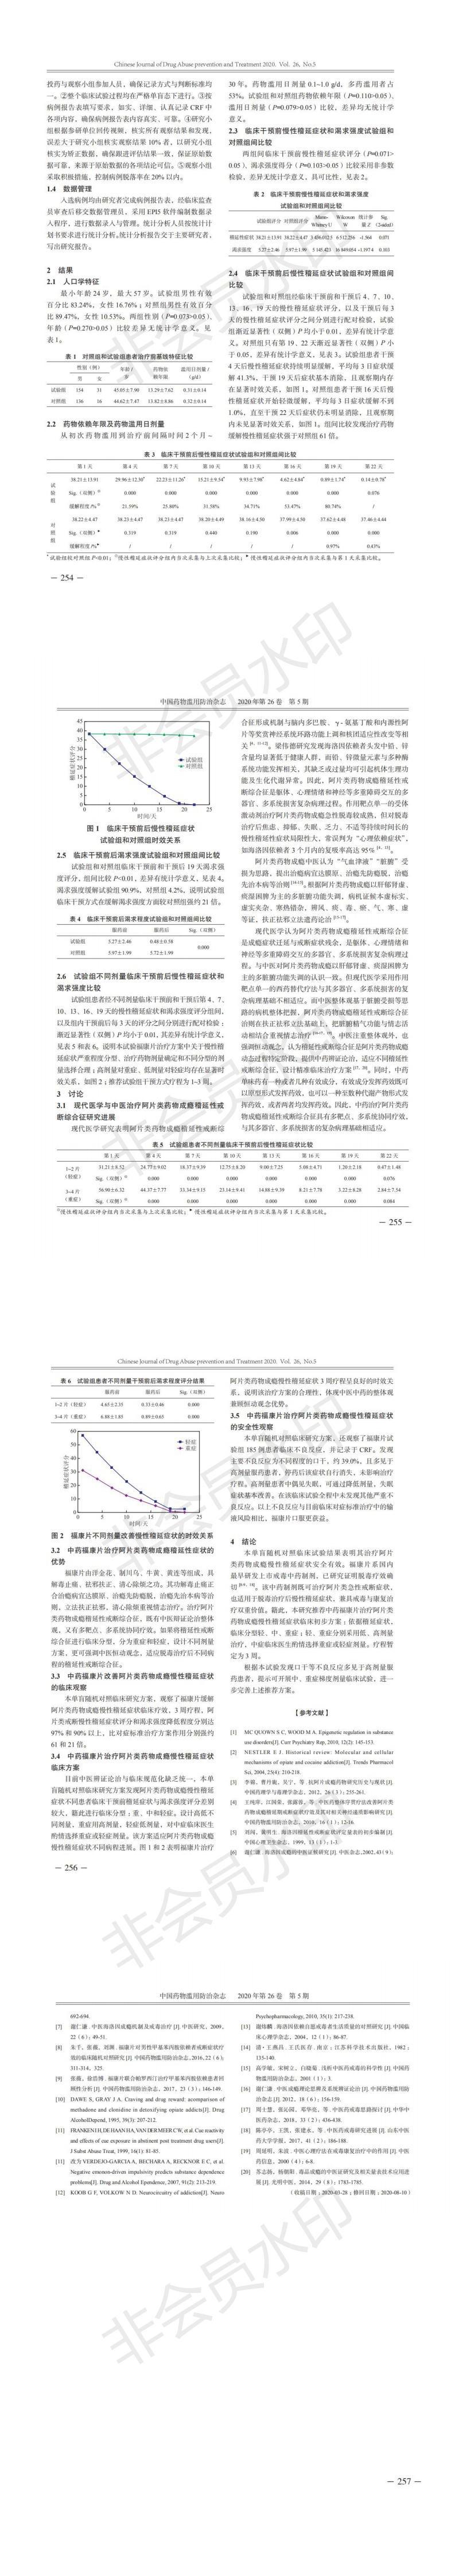 中國藥物濫用防治雜志_01.jpg